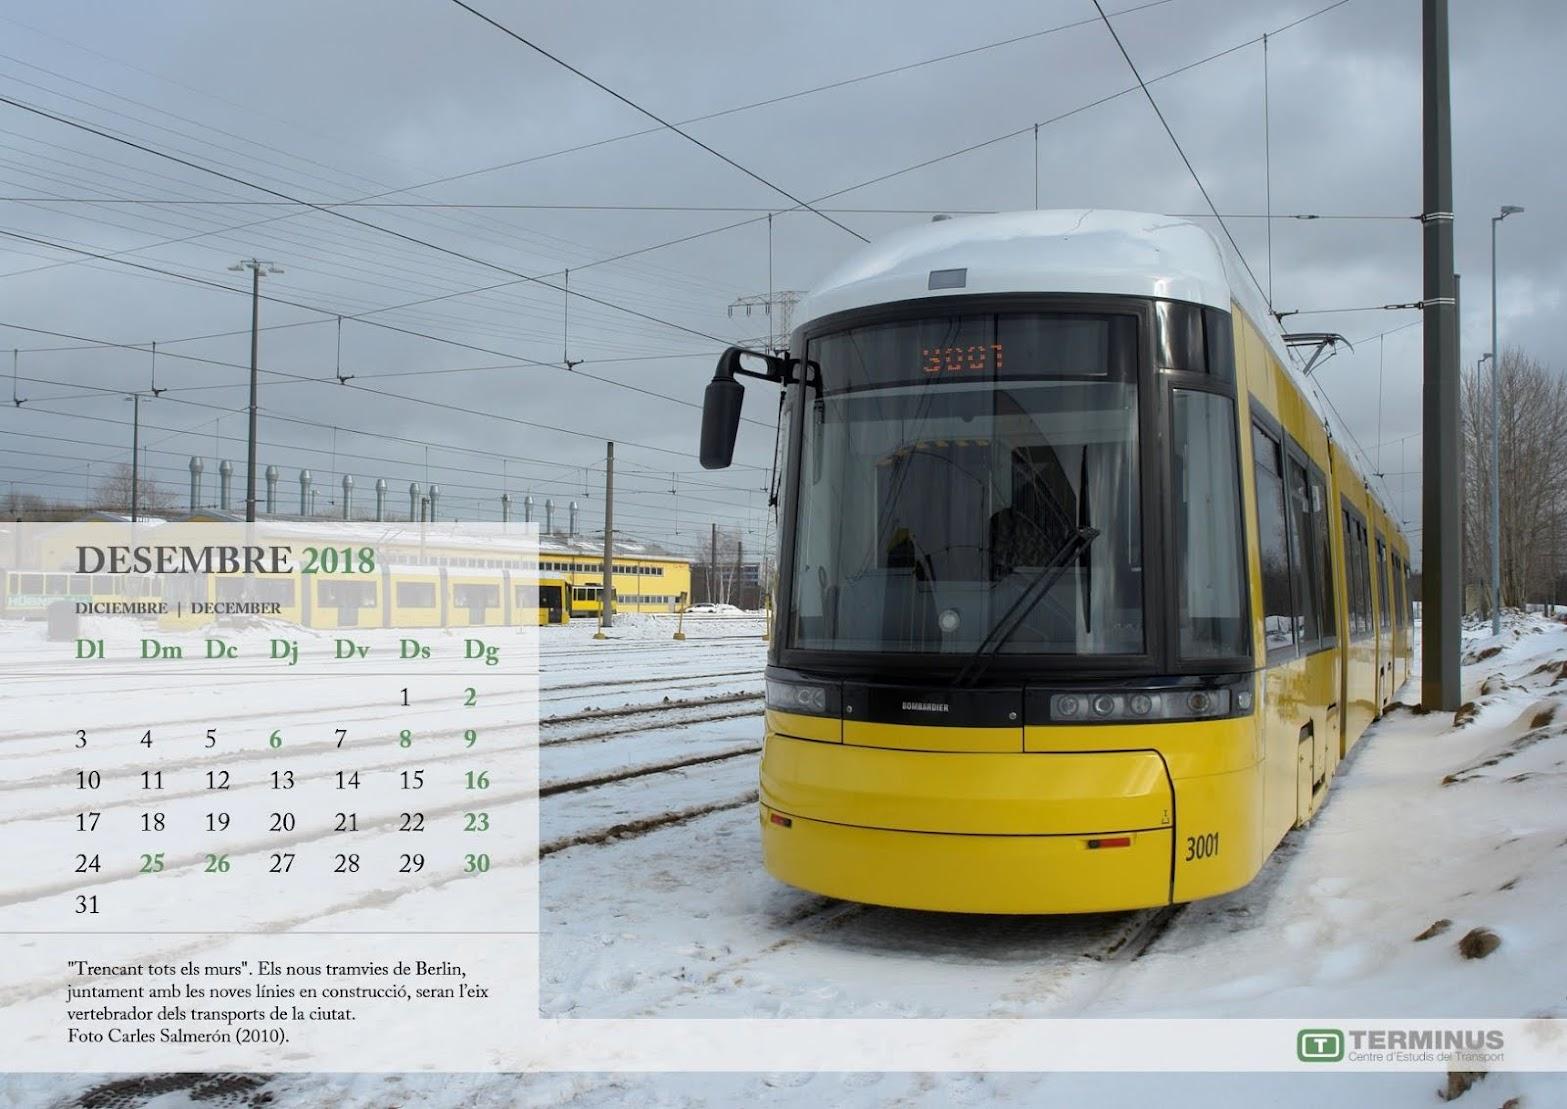 Calendari - DESEMBRE 2018